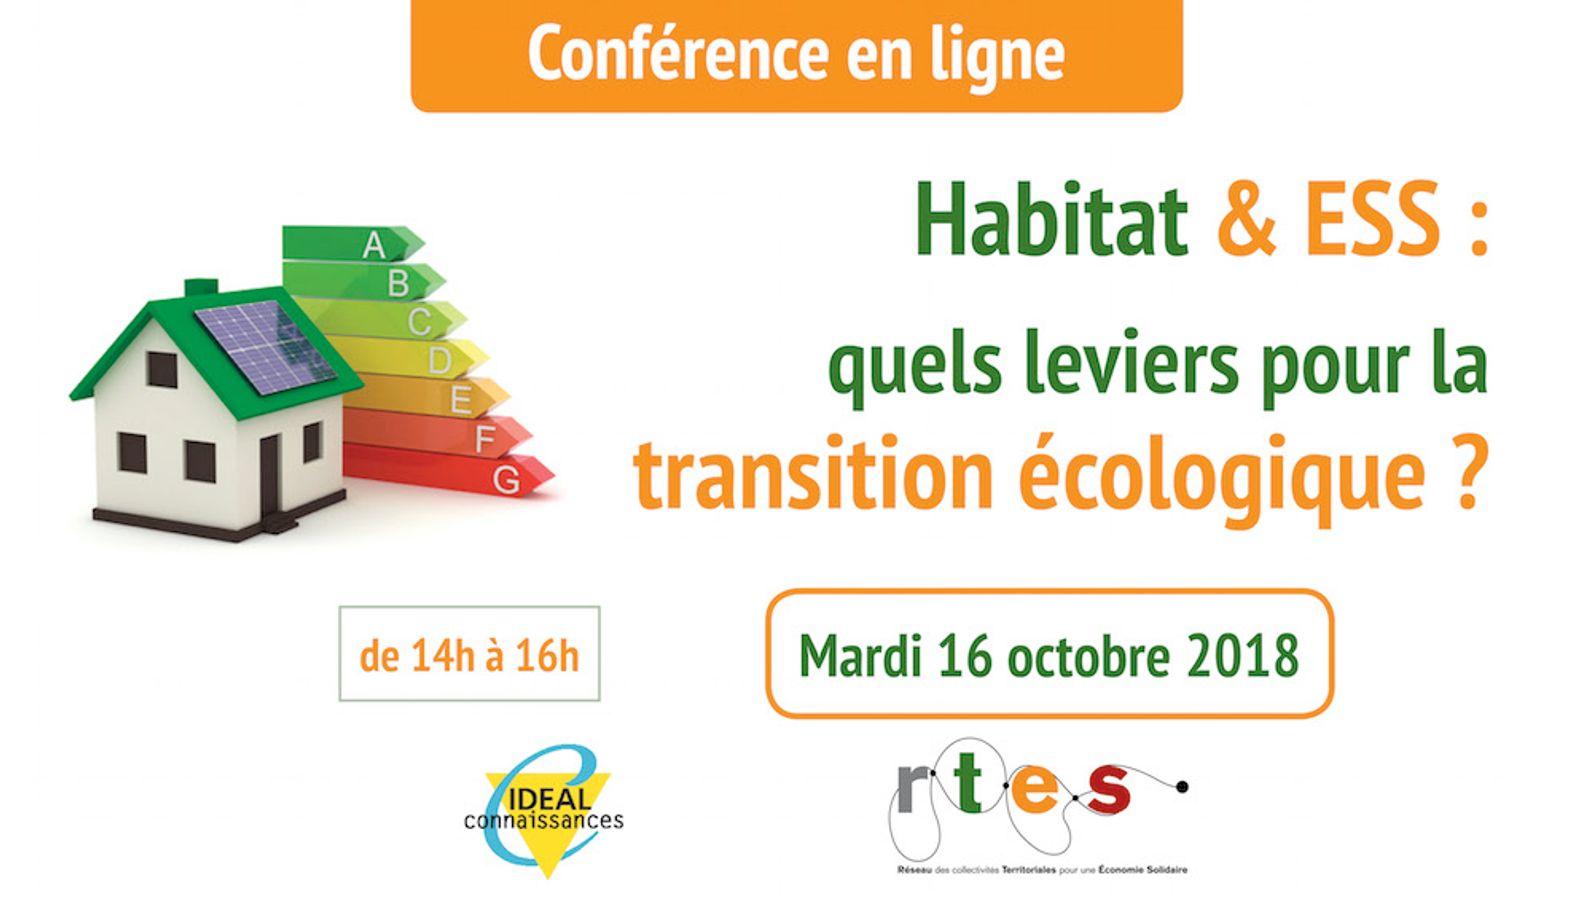 Habitat & ESS : Quels leviers pour la transition écologique ?